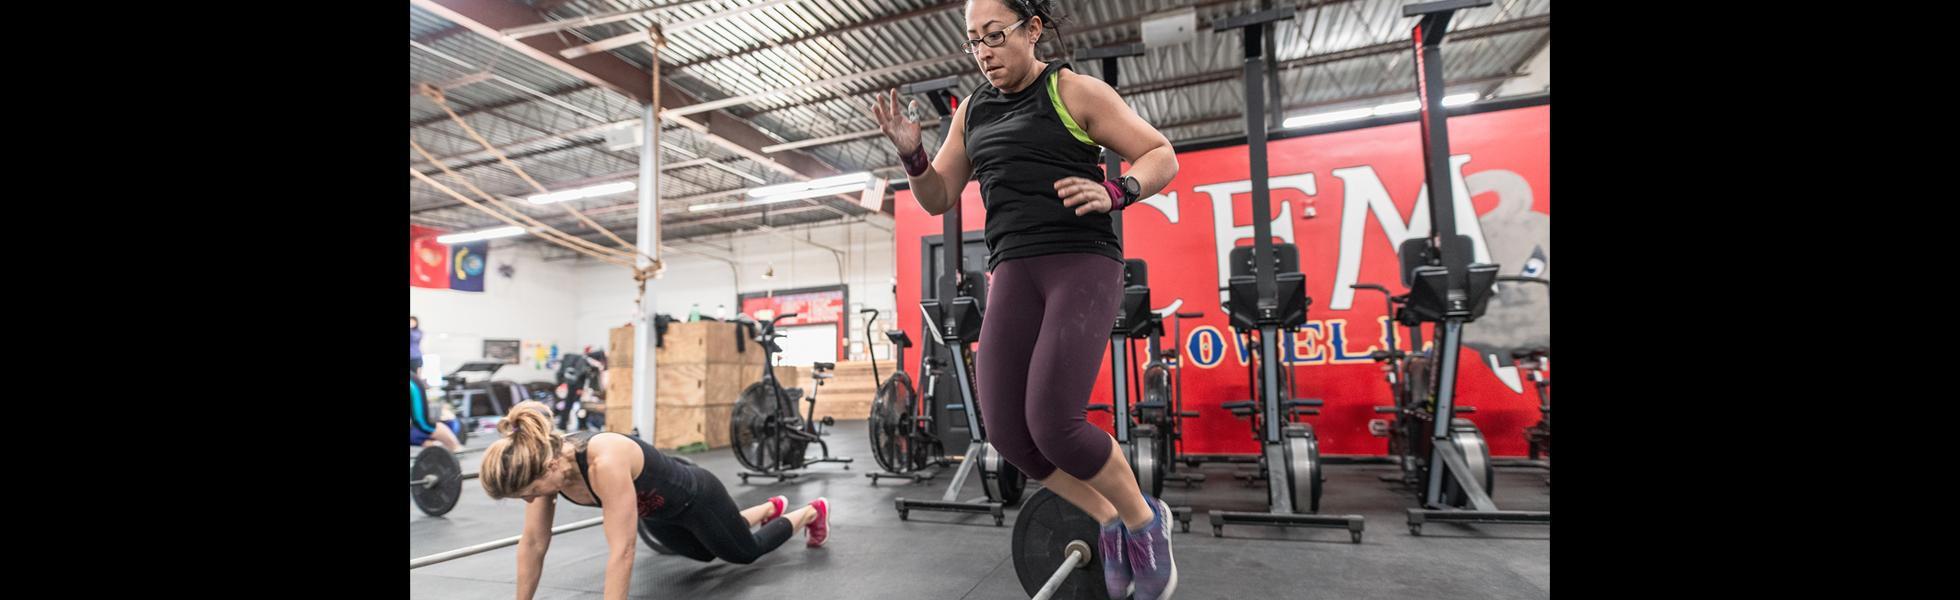 CrossFit in Lowell, MA